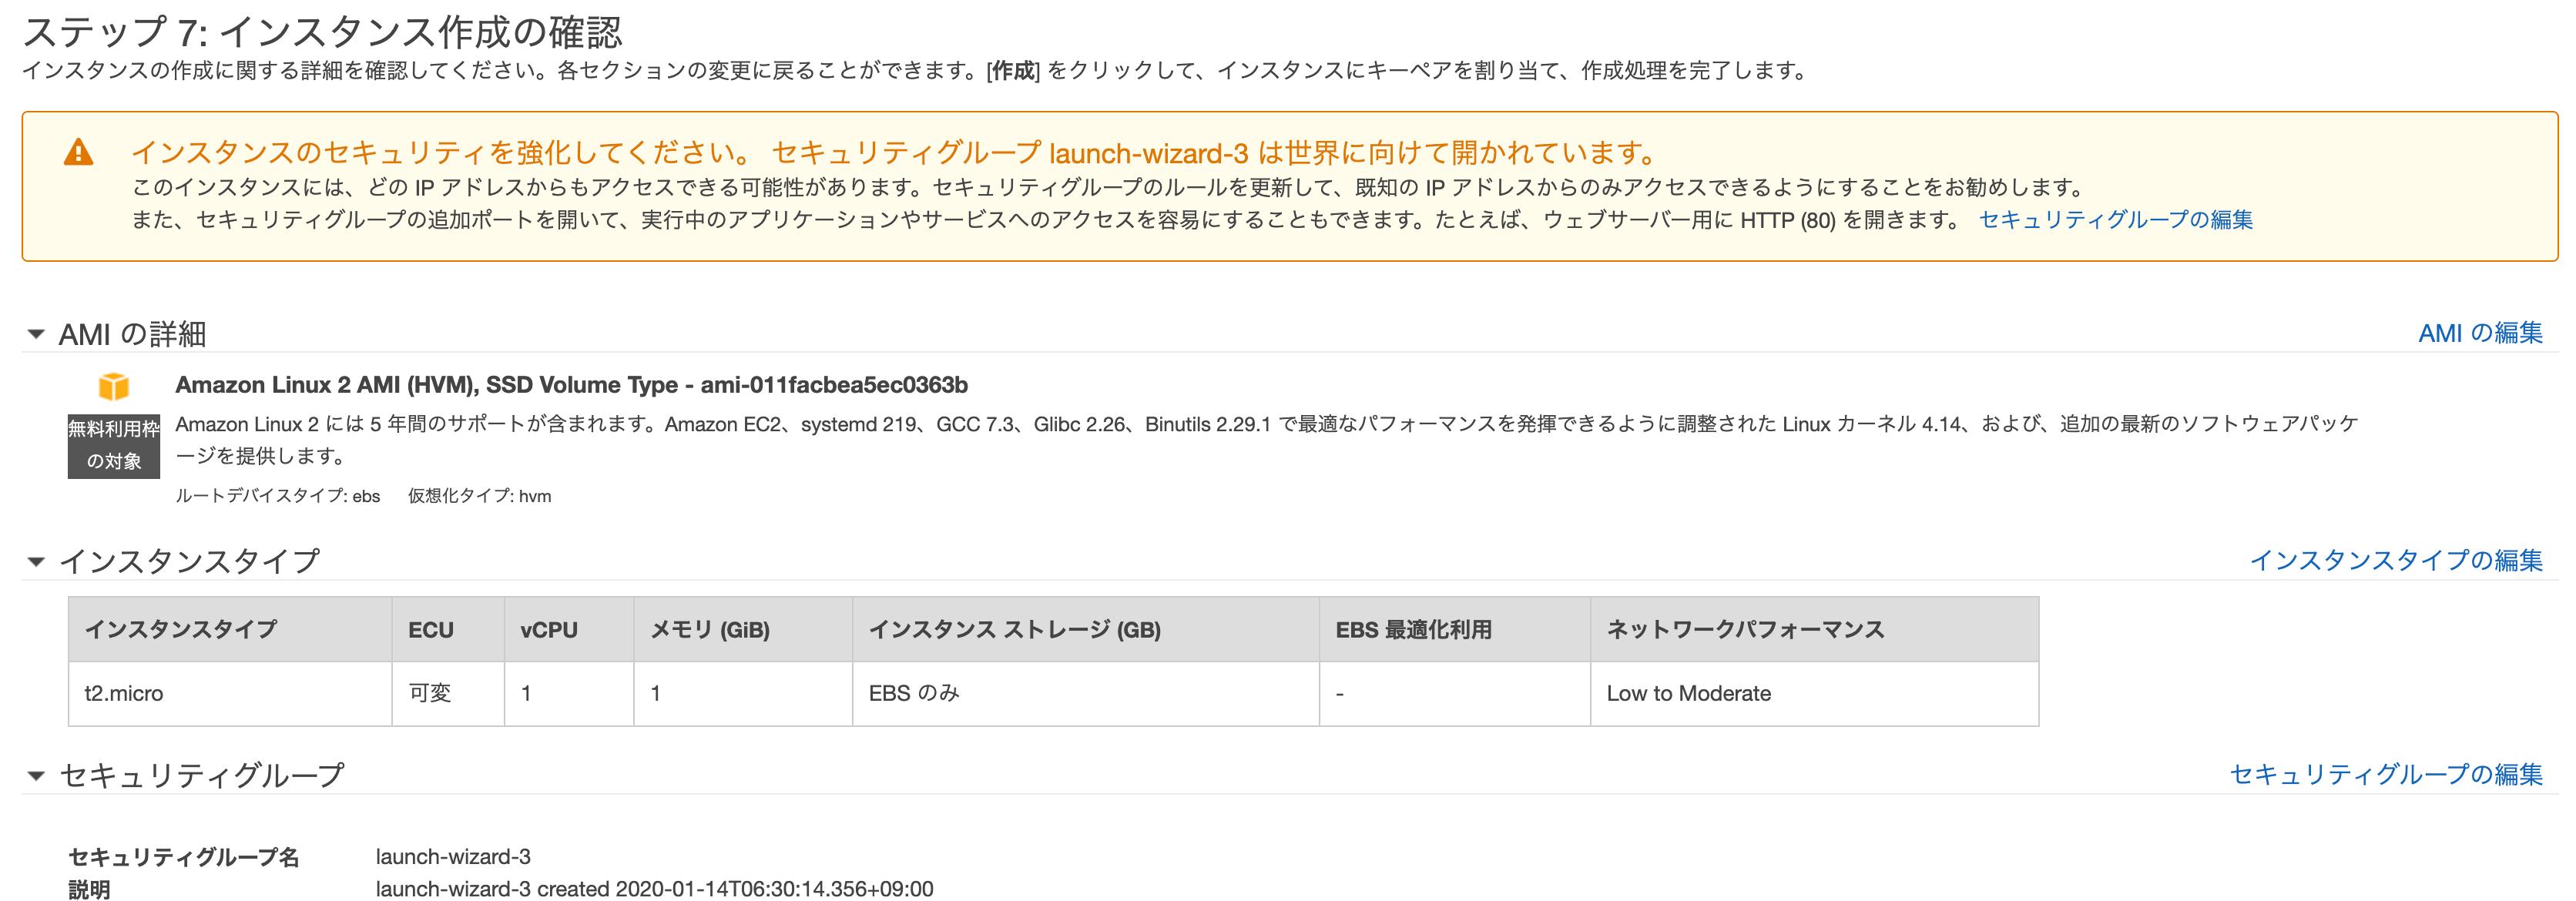 スクリーンショット 2020-01-14 6.38.04.png